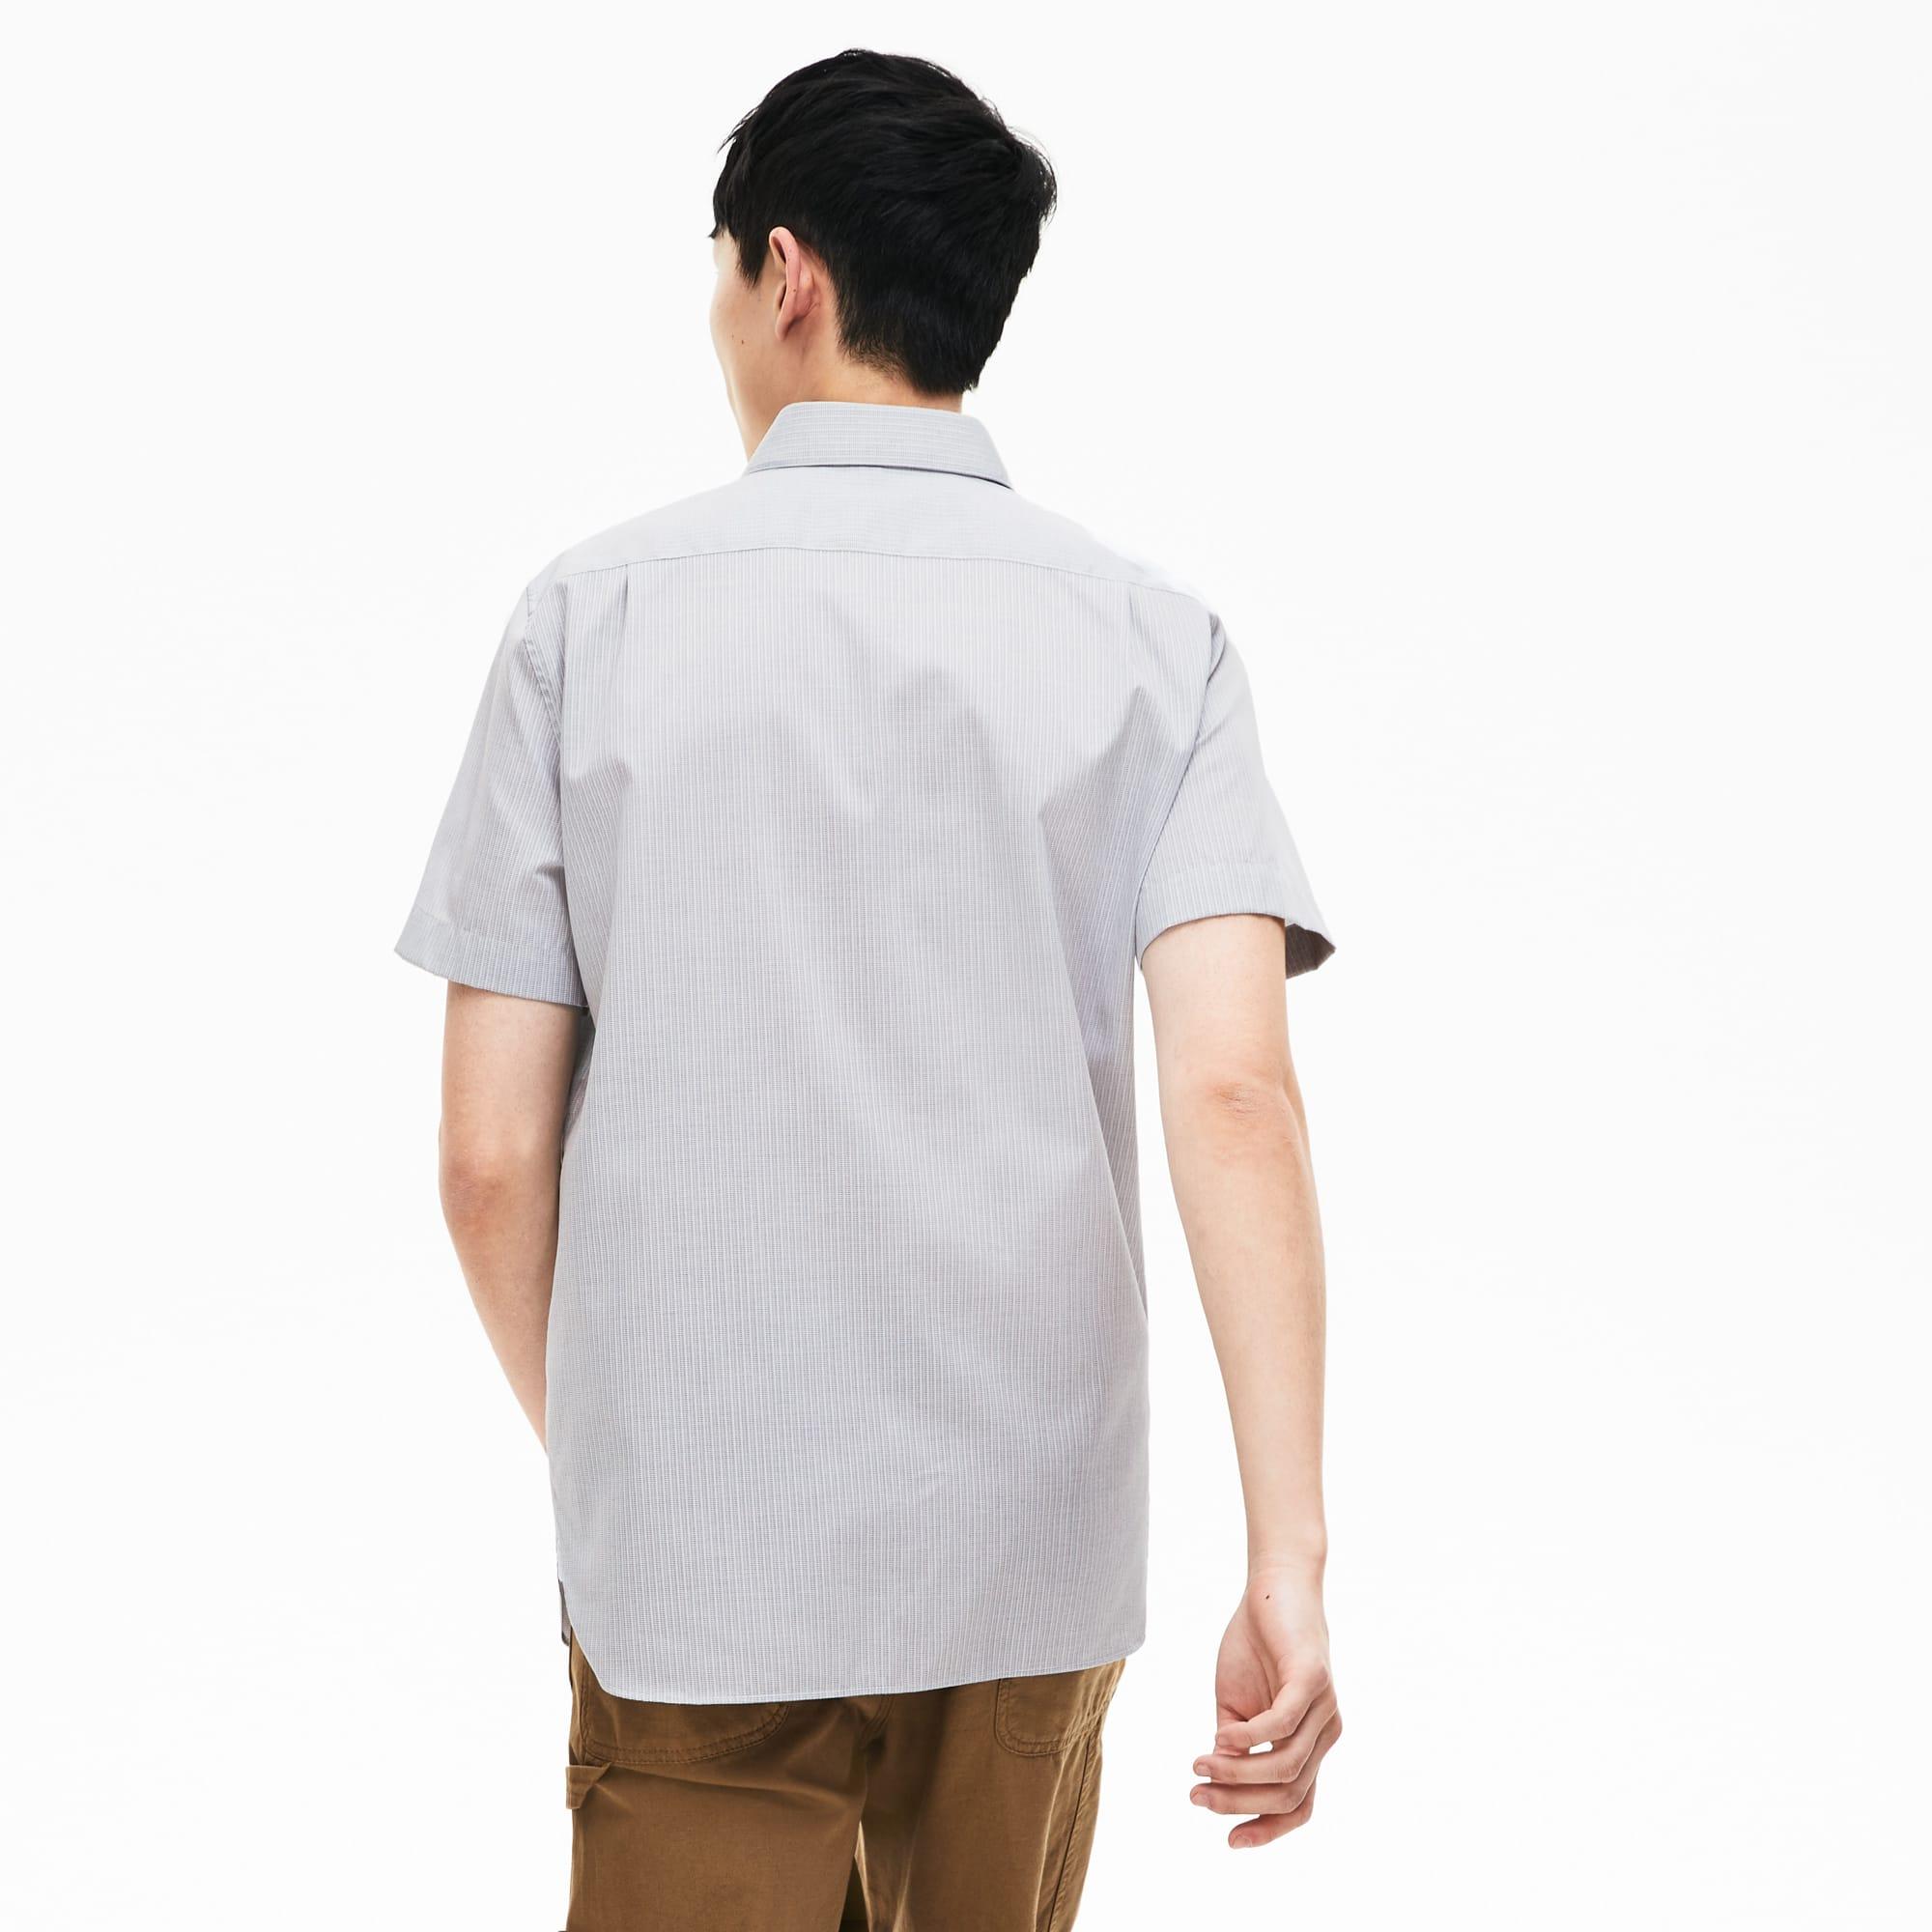 cheaper ac119 d0dea Regular Fit Herren-Hemd aus Baumwoll-Popeline mit kurzen Ärmeln